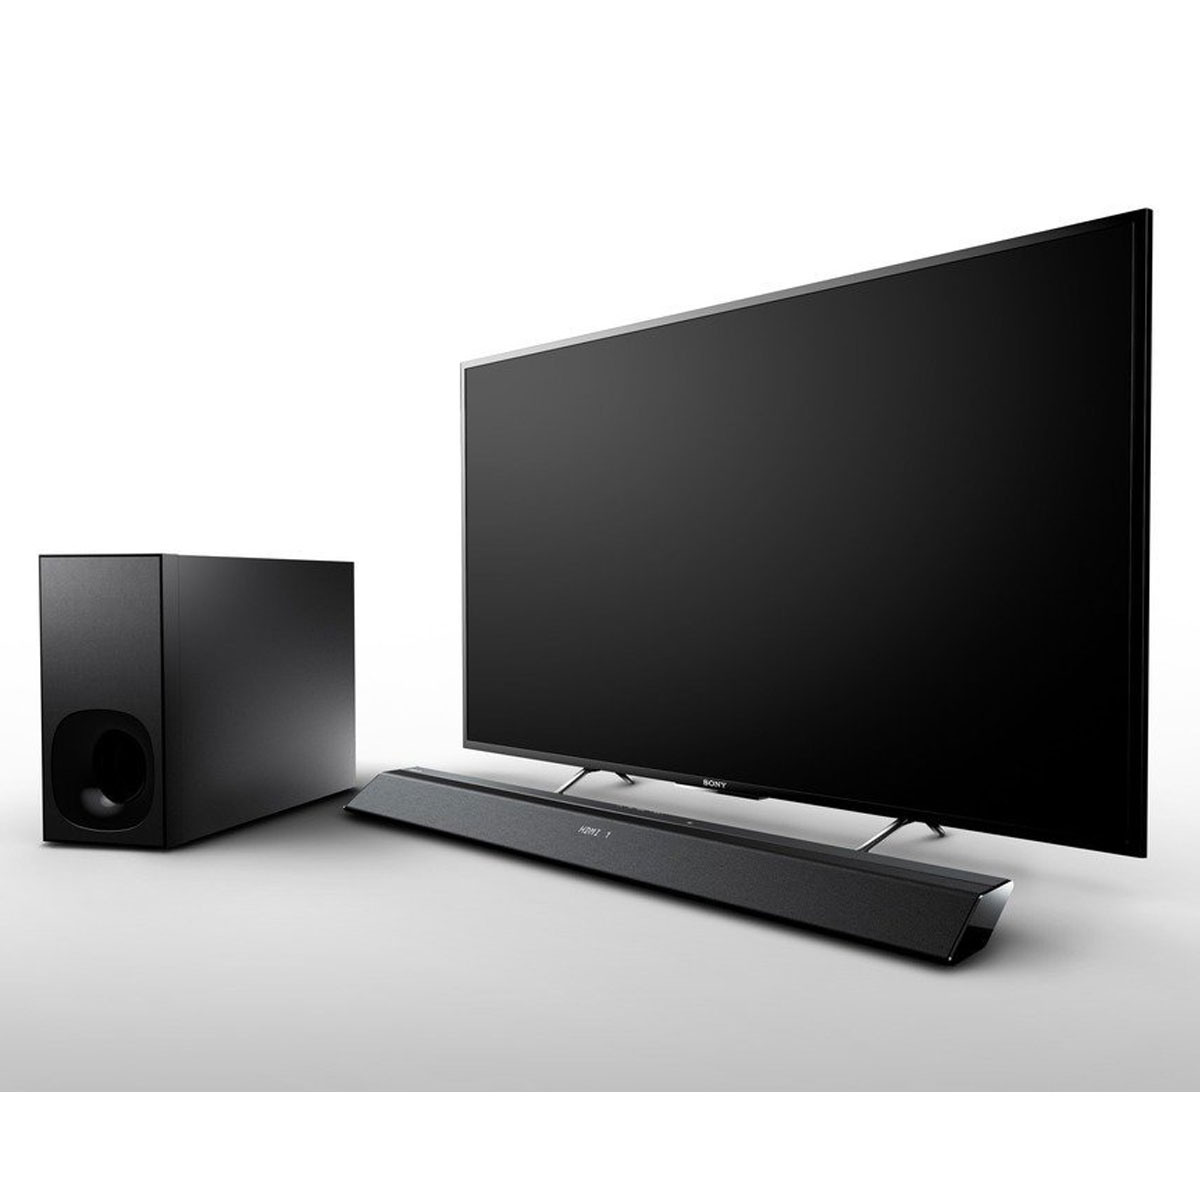 sony ht ct380 noir barre de son sony sur ldlc. Black Bedroom Furniture Sets. Home Design Ideas